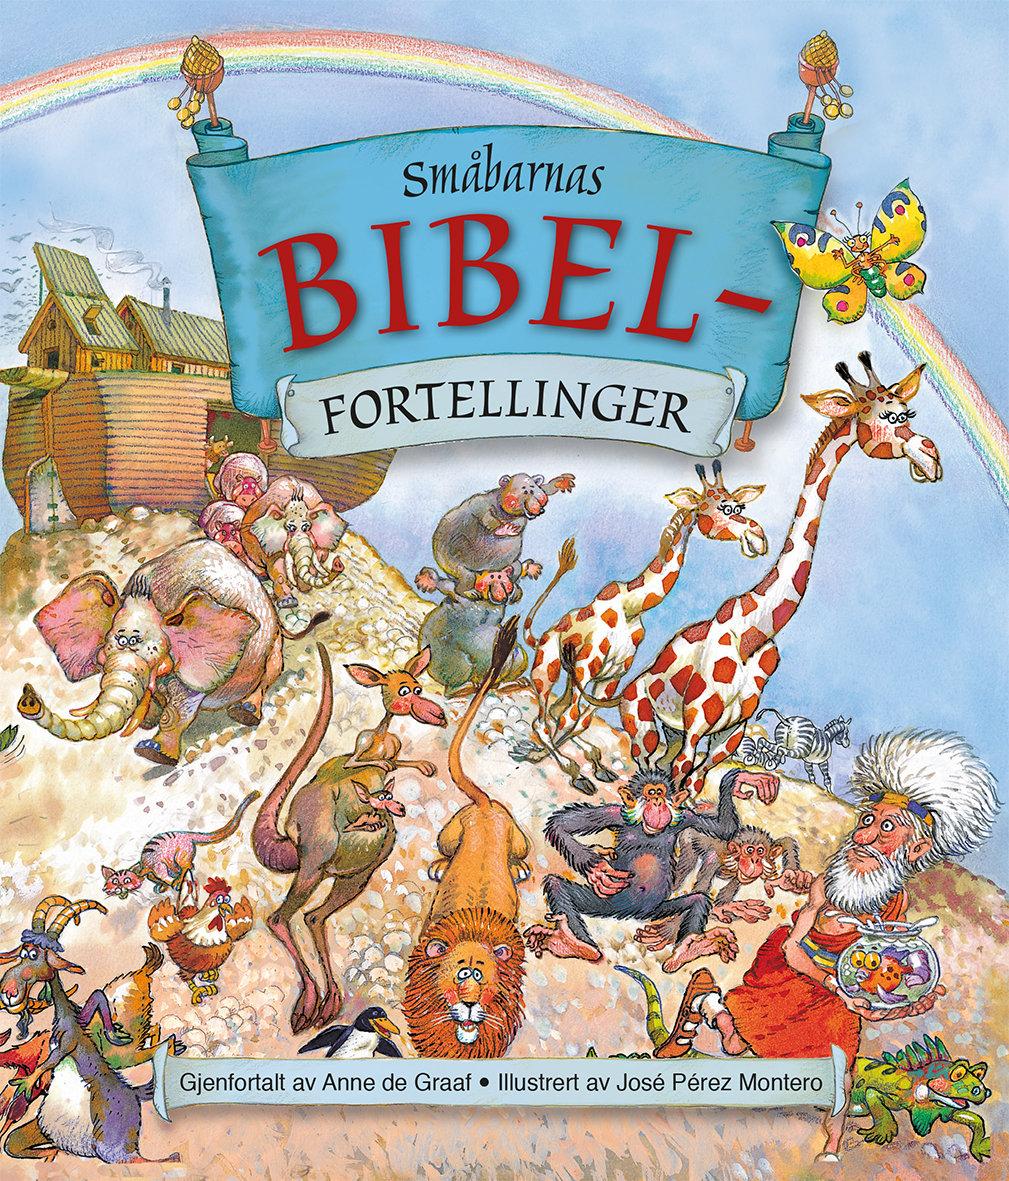 Småbarnas bibelfortellinger 9788252003987